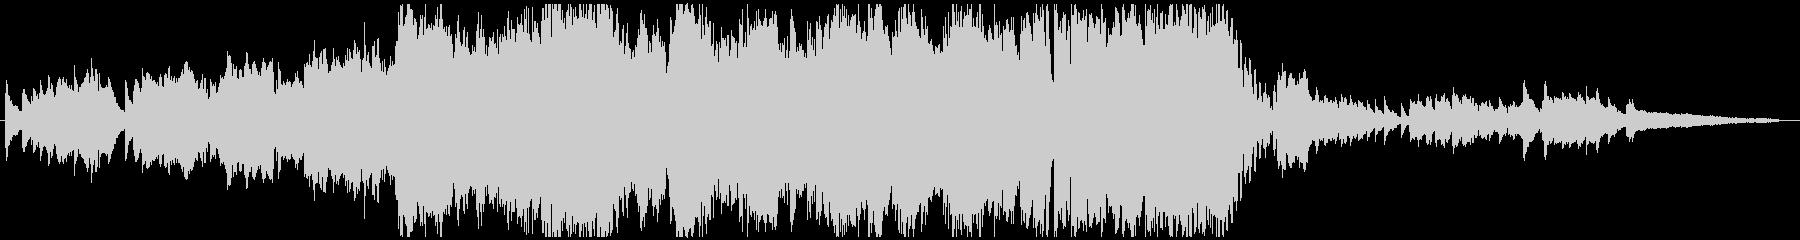 【生演奏】フルートとオケの感動系バラードの未再生の波形